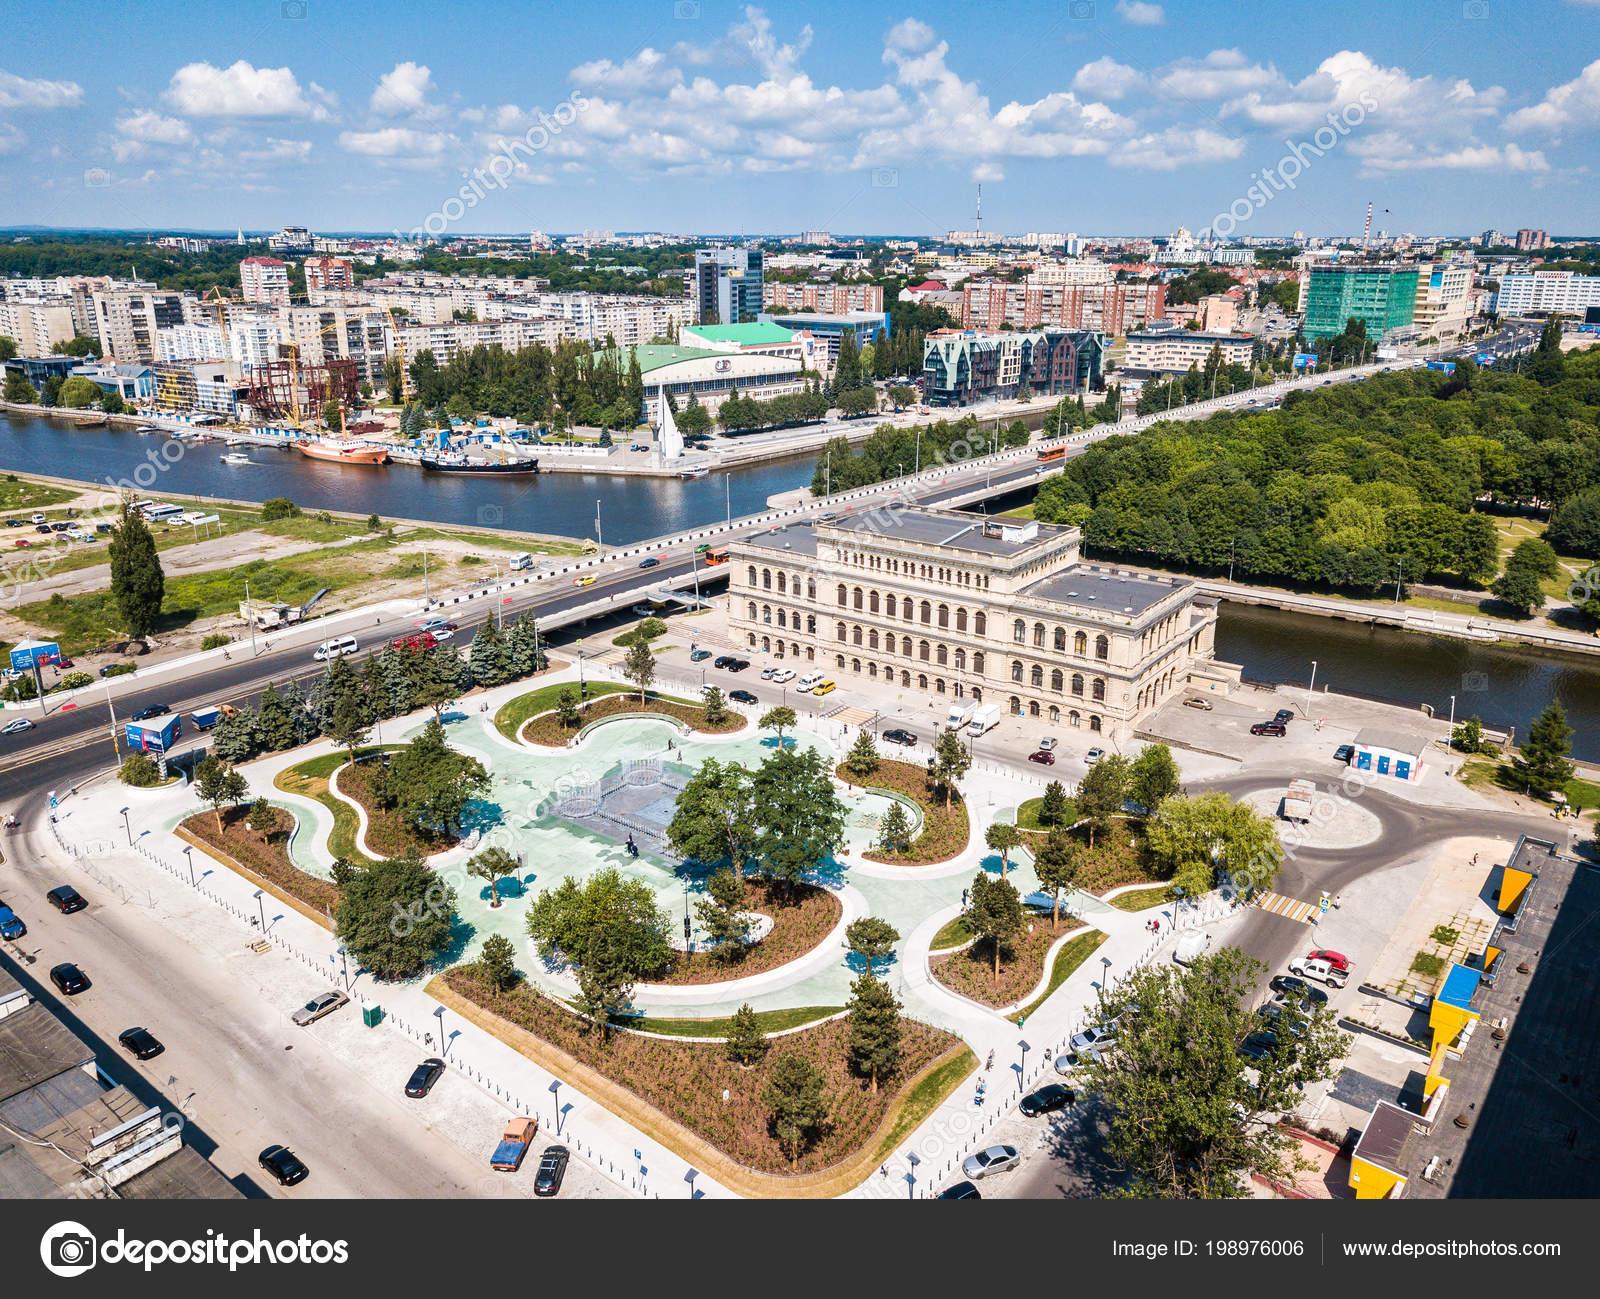 New 2018 in Kaliningrad 53